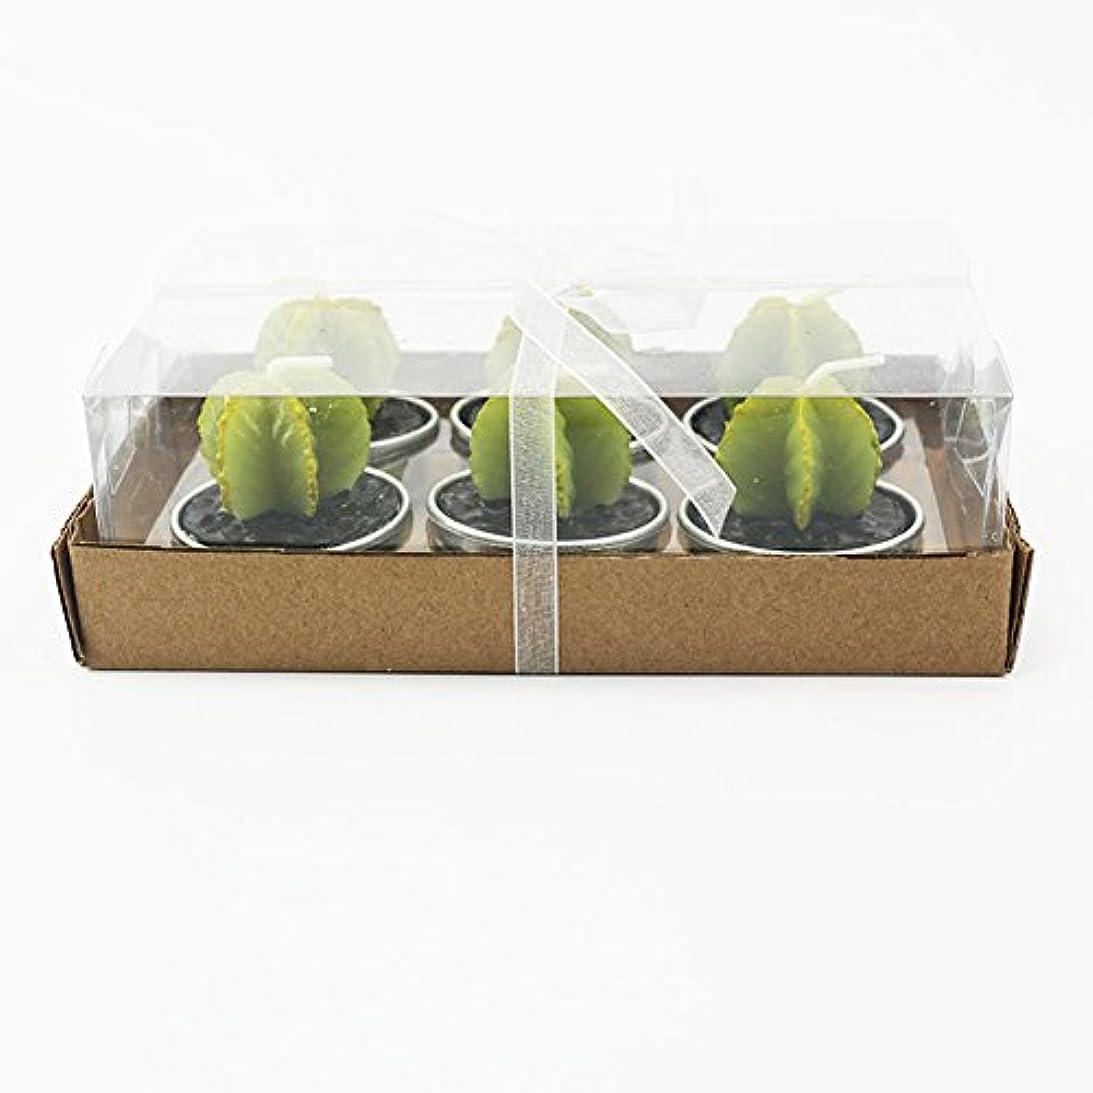 非行講義二年生Liebeye キャンドル 多肉植物スモークフリーのクリエイティブなキャンドル100%自然のワックスかわいい模造植物フルーツの形状低温キャンドル 6個/箱 ゴレンシボックス